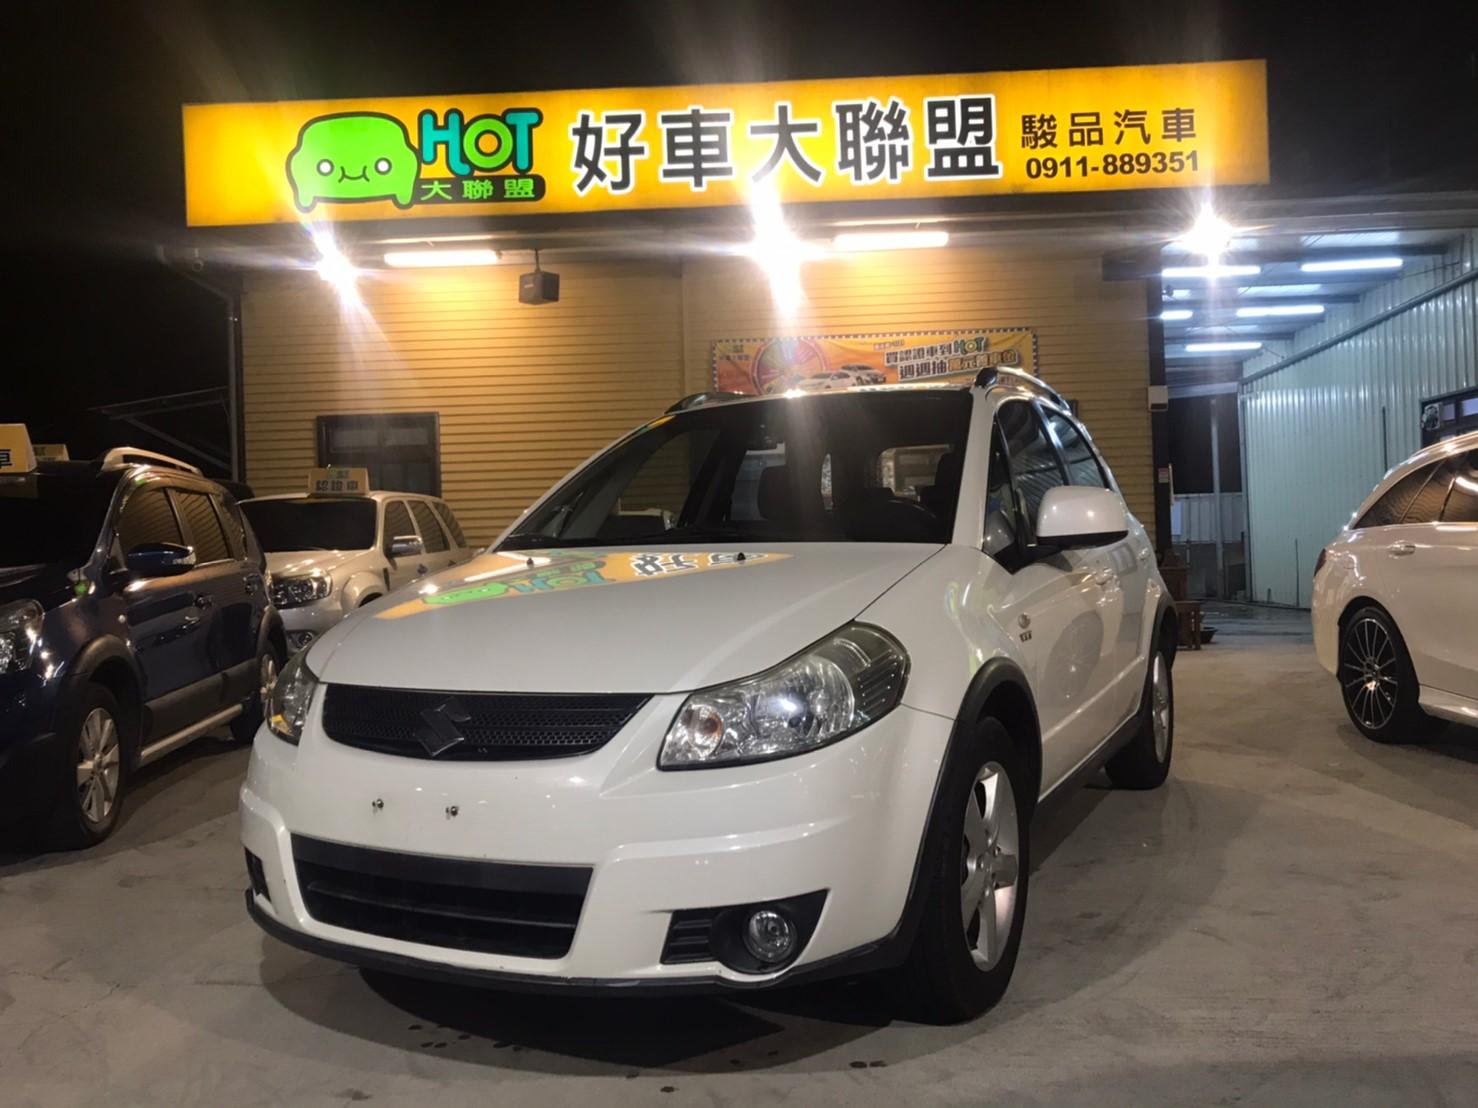 2008 Suzuki 鈴木 Sx4